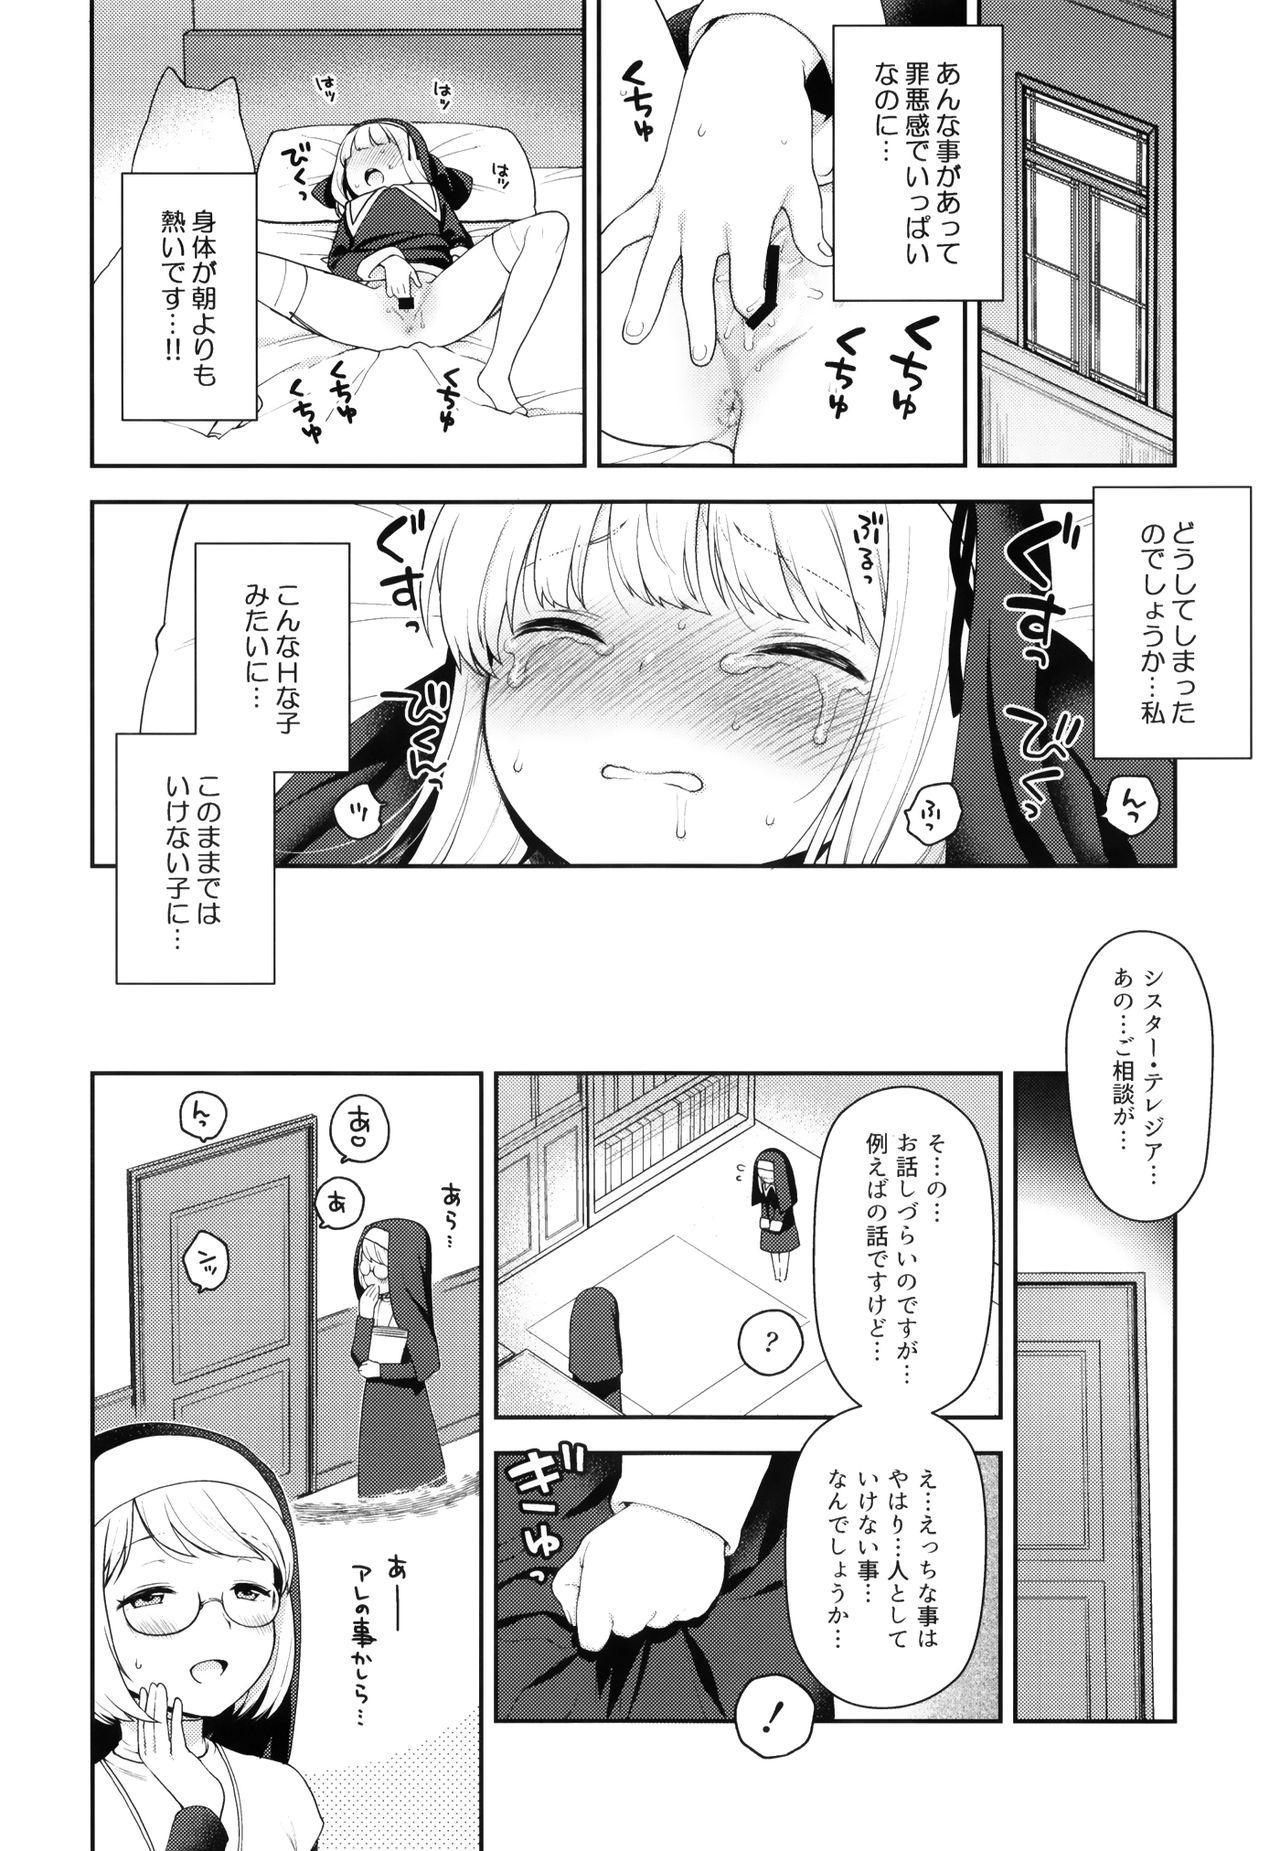 Keiken na Sister Minarai ga Otoko no Tokunou Seieki o Shiboritsukusu Hon 8